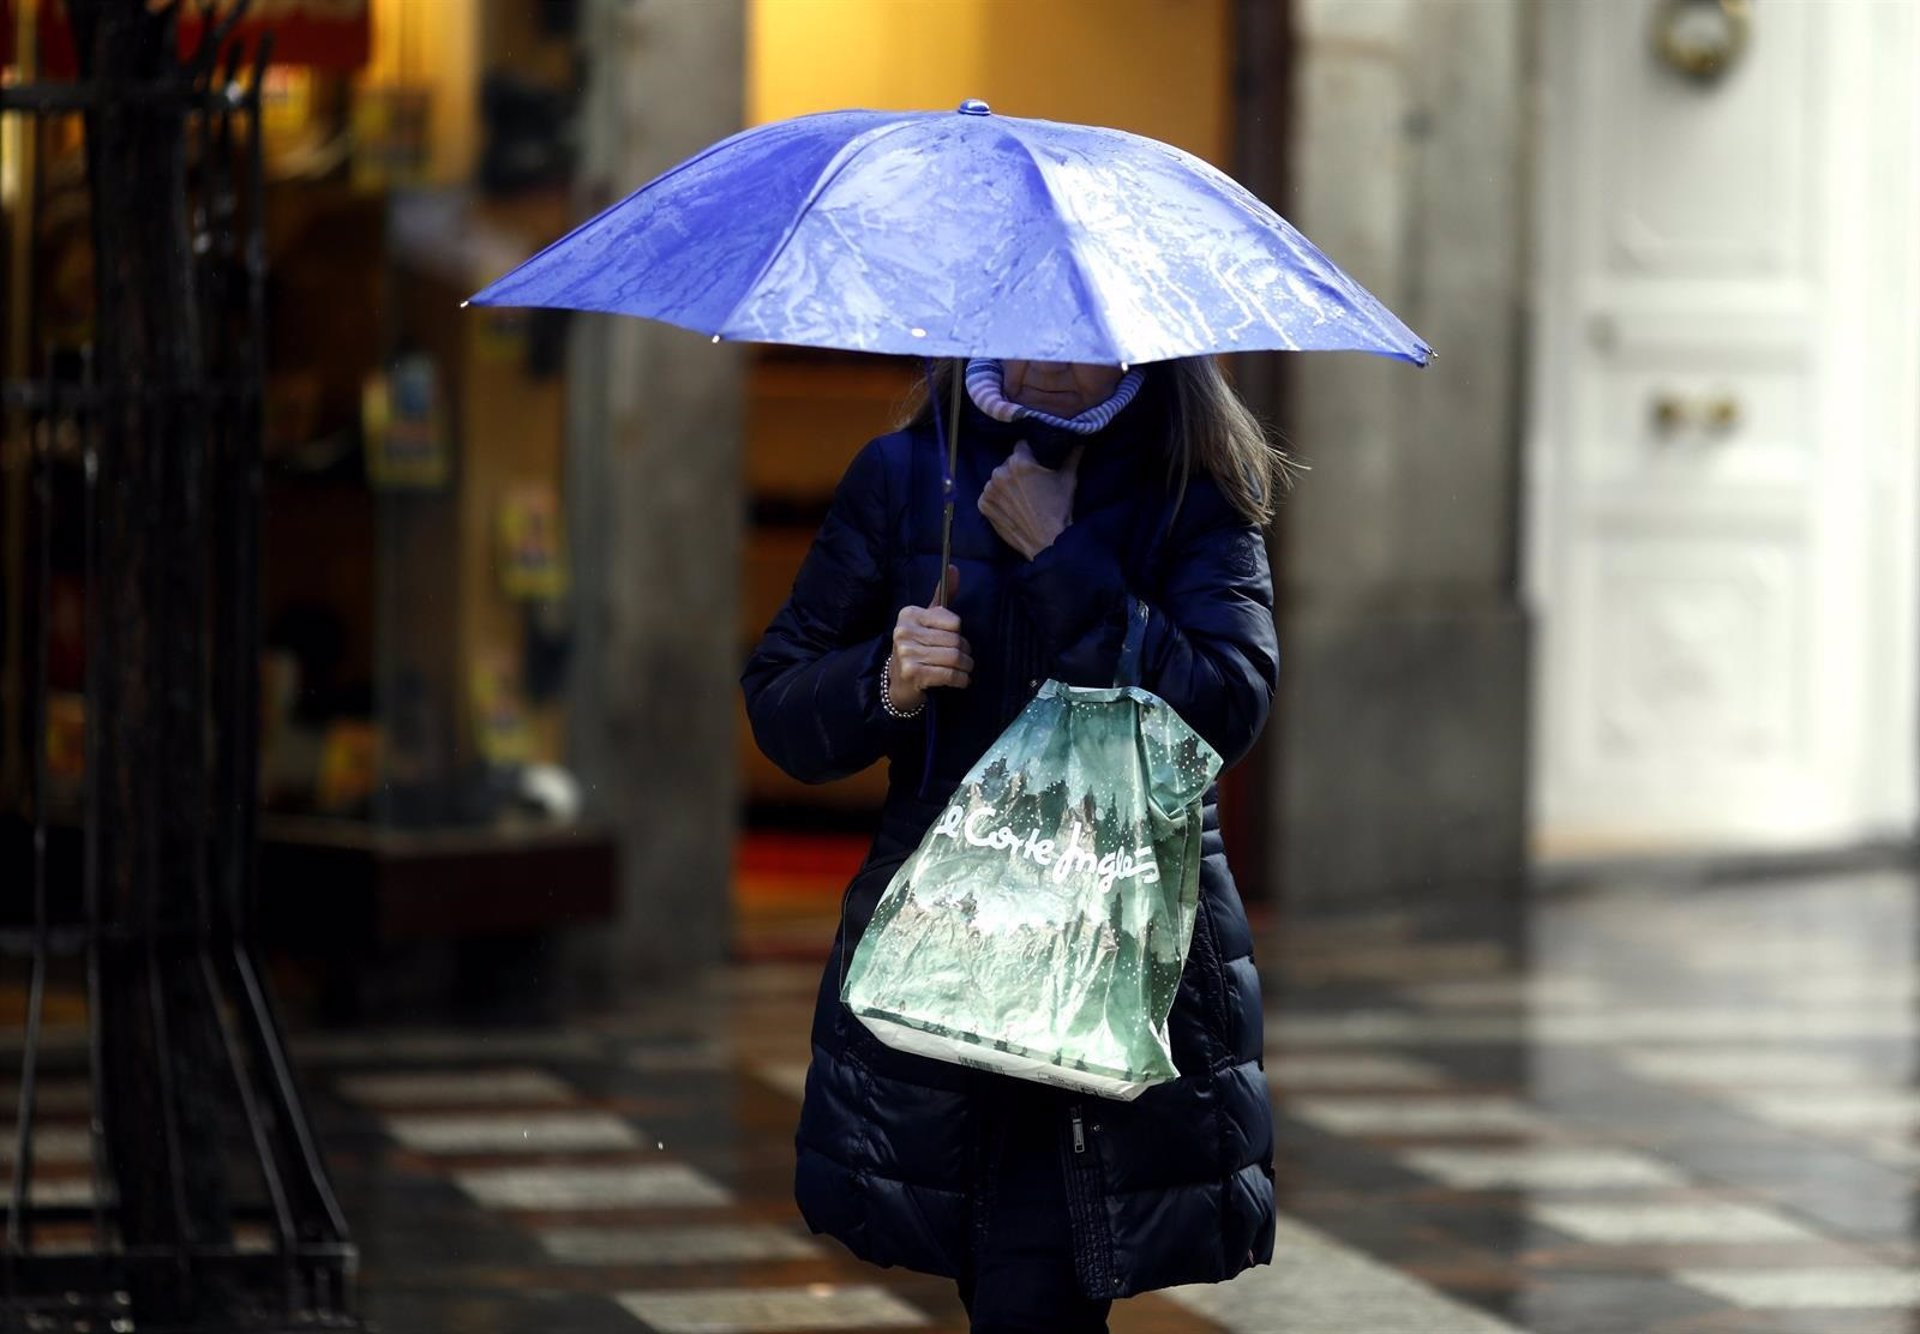 La borrasca 'Gisele' pondrá este miércoles en aviso a todo el país por viento, lluvia y oleaje durante 24 horas